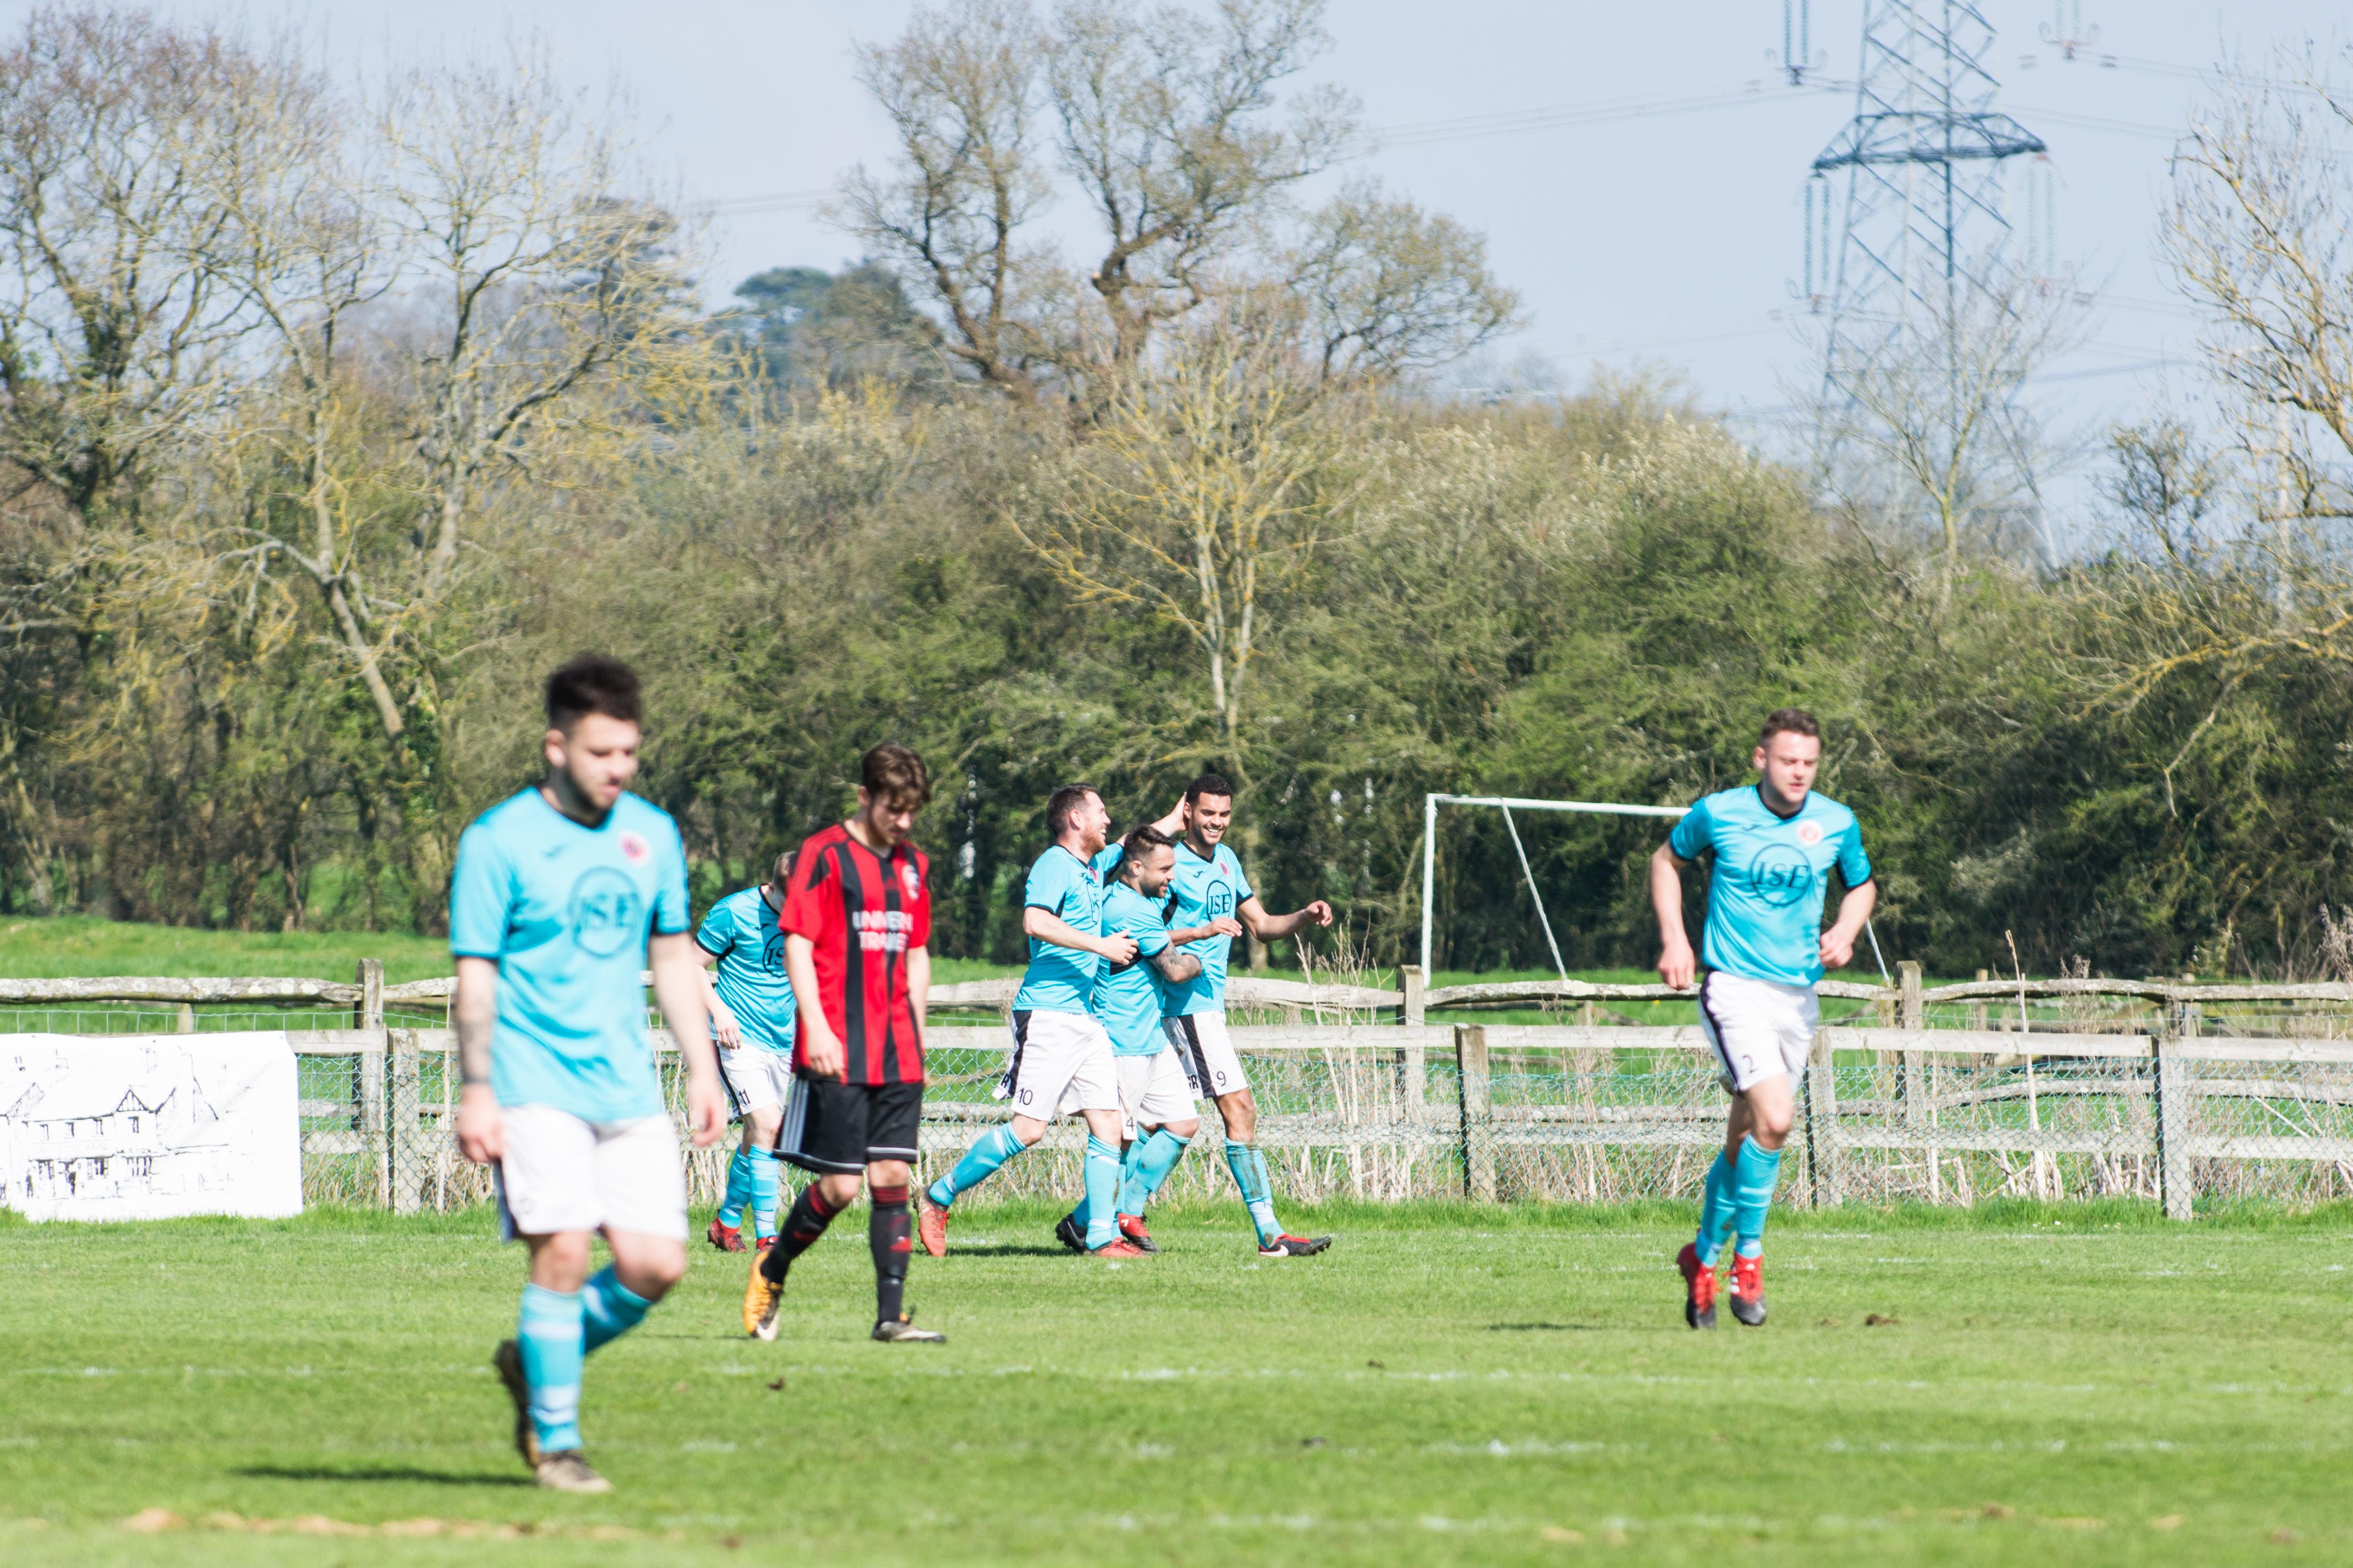 DAVID_JEFFERY Billingshurst FC vs AFC Varndeanians 14.04.18 42